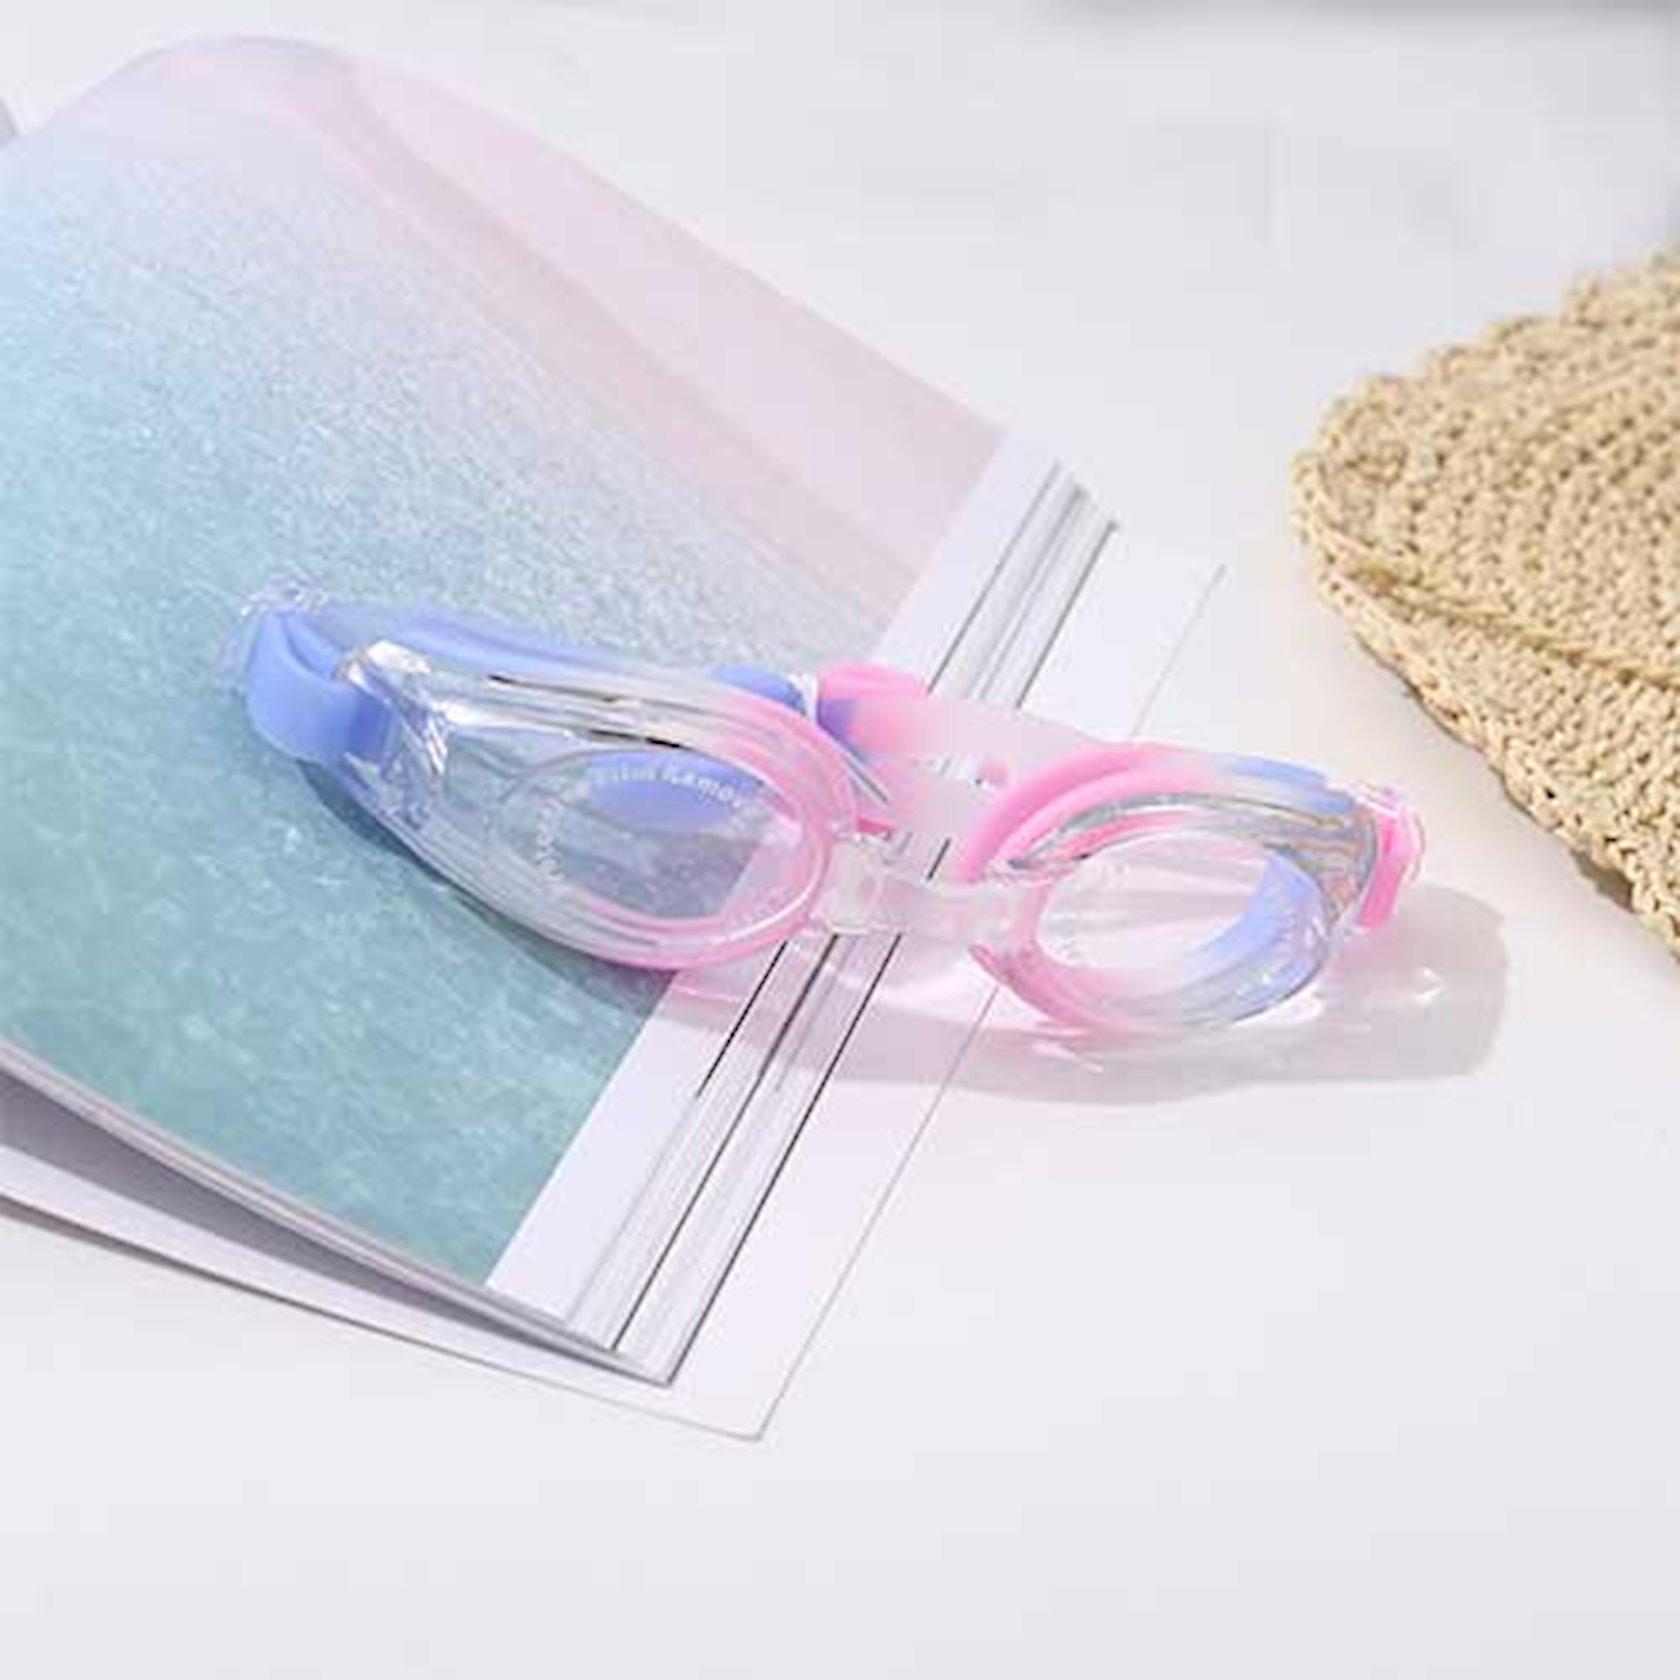 Üzgüçülük üçün eynək Ximivogue Fresh Style Colorful Swimming Goggles